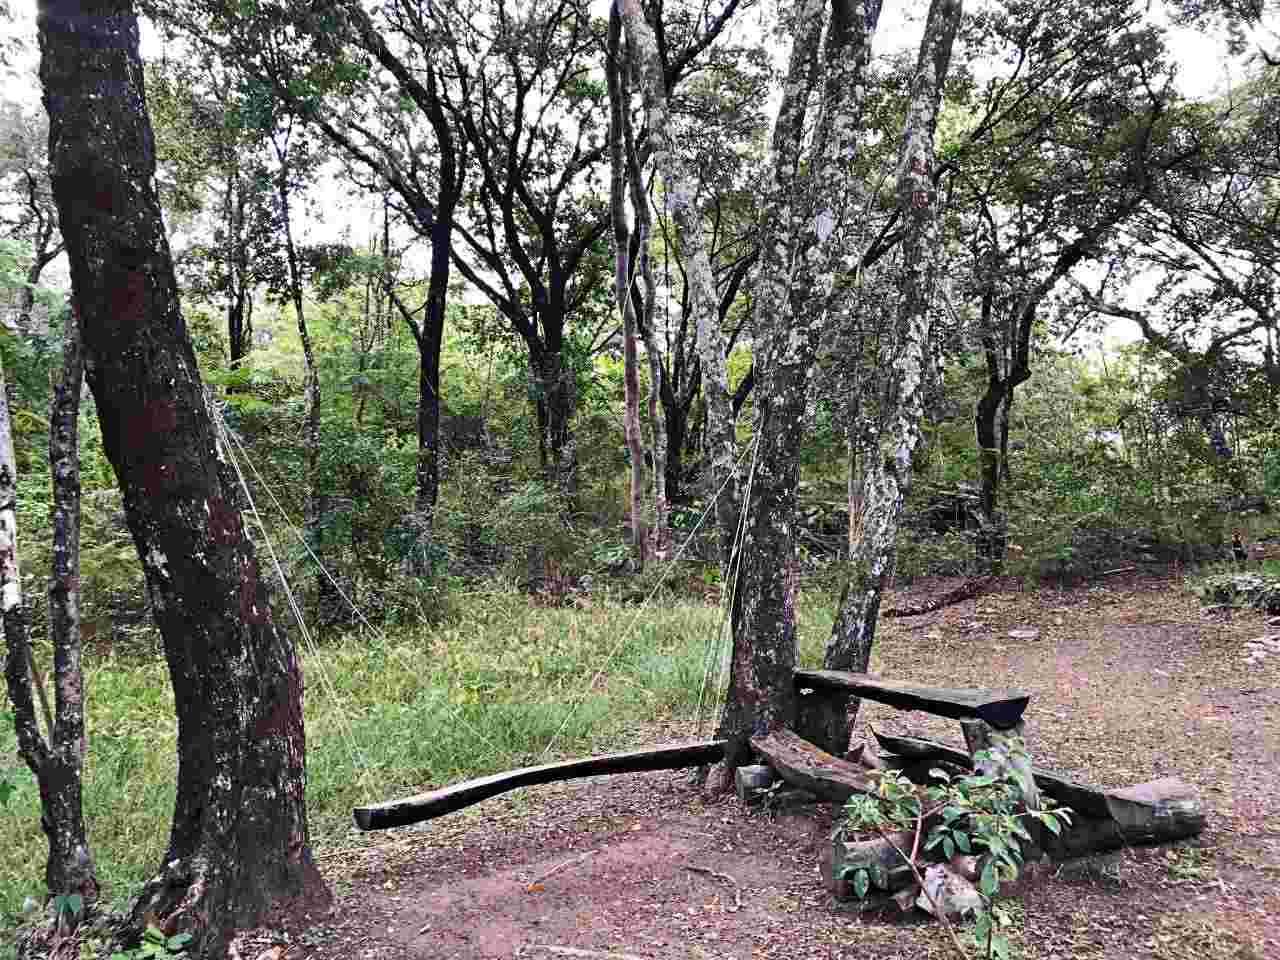 Destinos naturais no Brasil - Balanços - Zareia